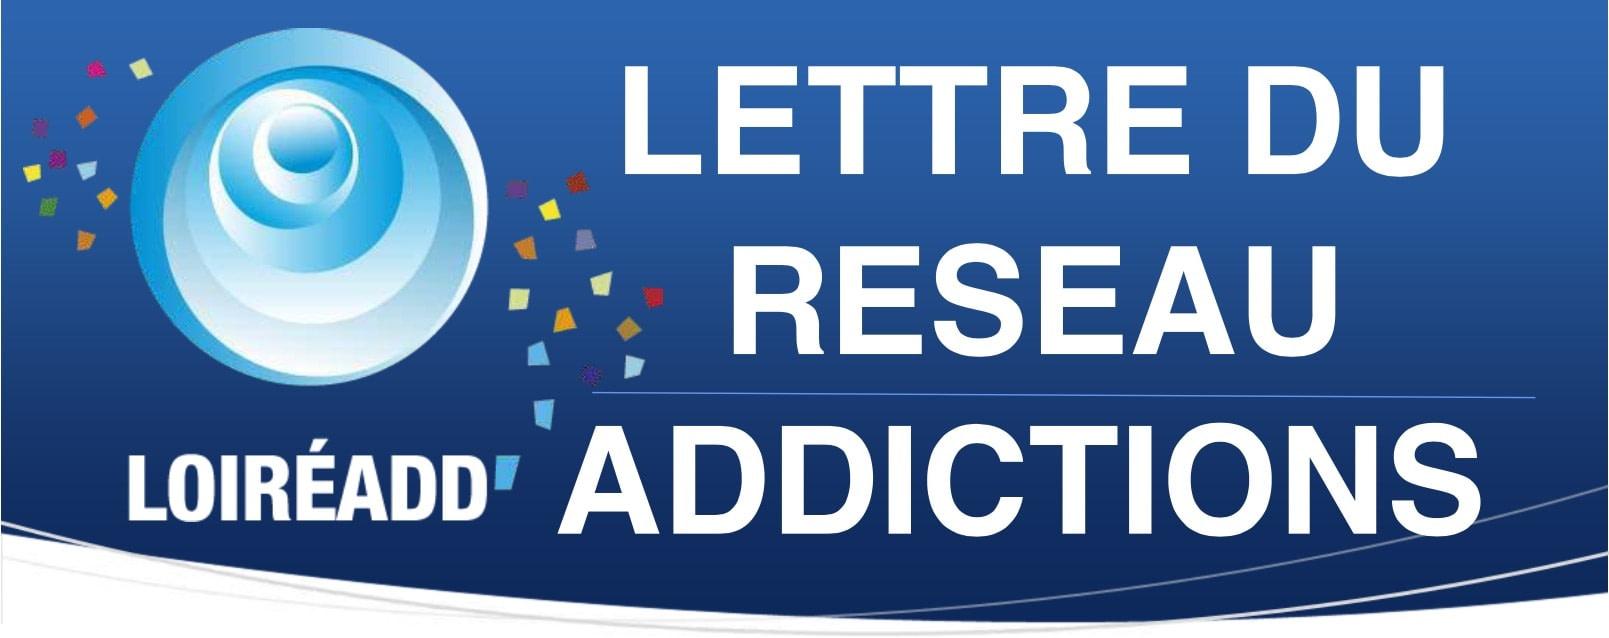 La Lettre du Reseau Addictions - En-tete